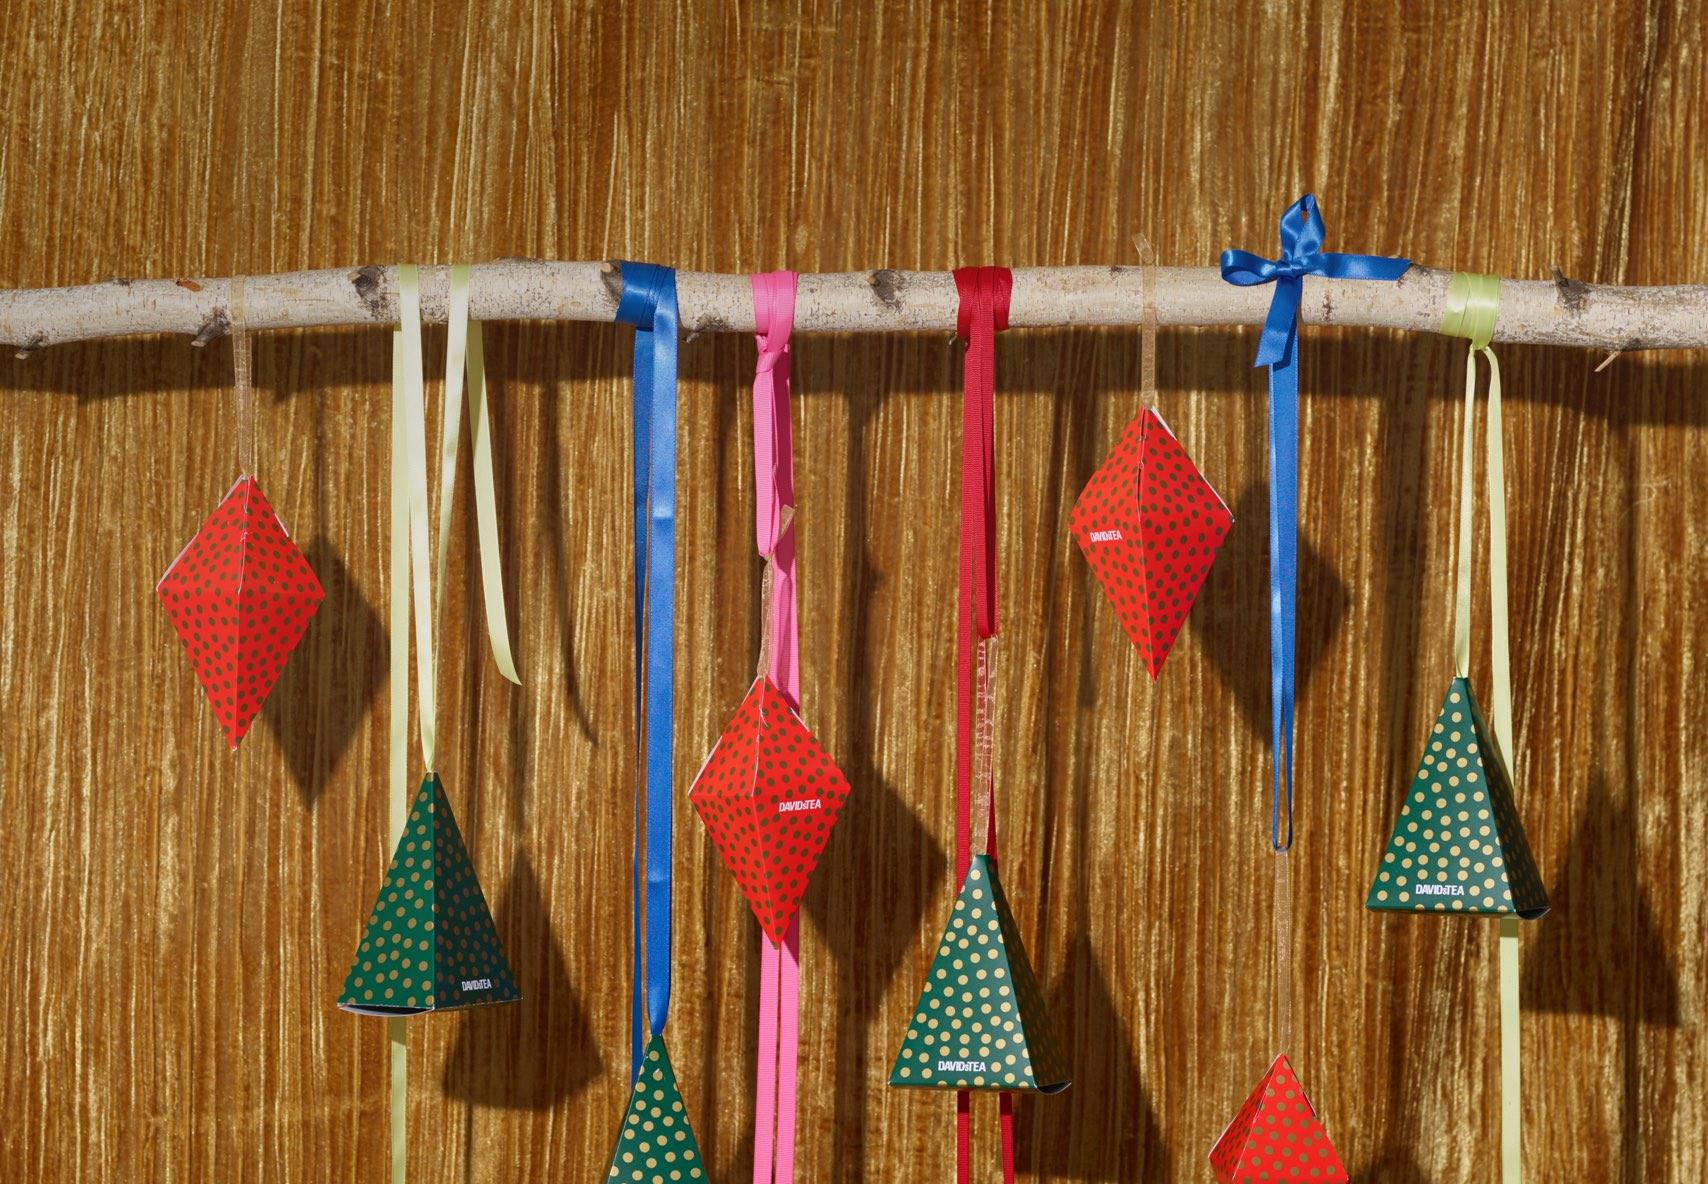 Boîtes vertes et rouges en forme de losange accrochées à une branche avec des rubans colorés.